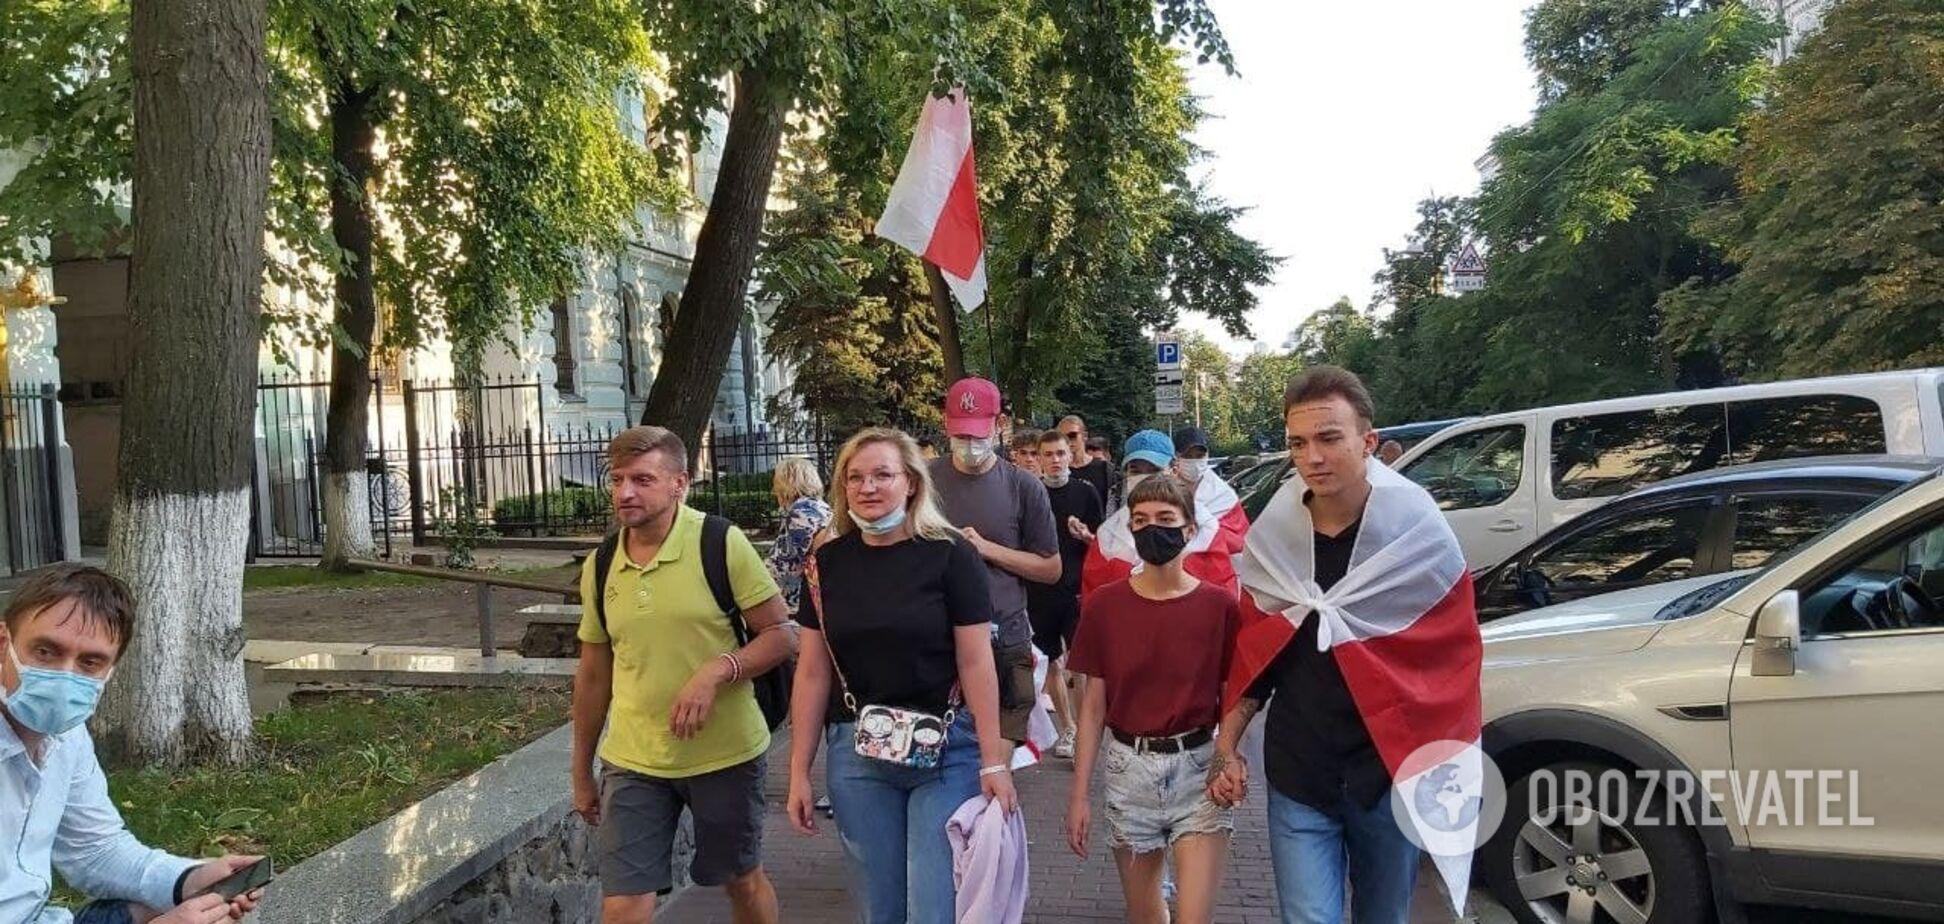 Біля посольства Білорусі через смерть Шишова проходить акція